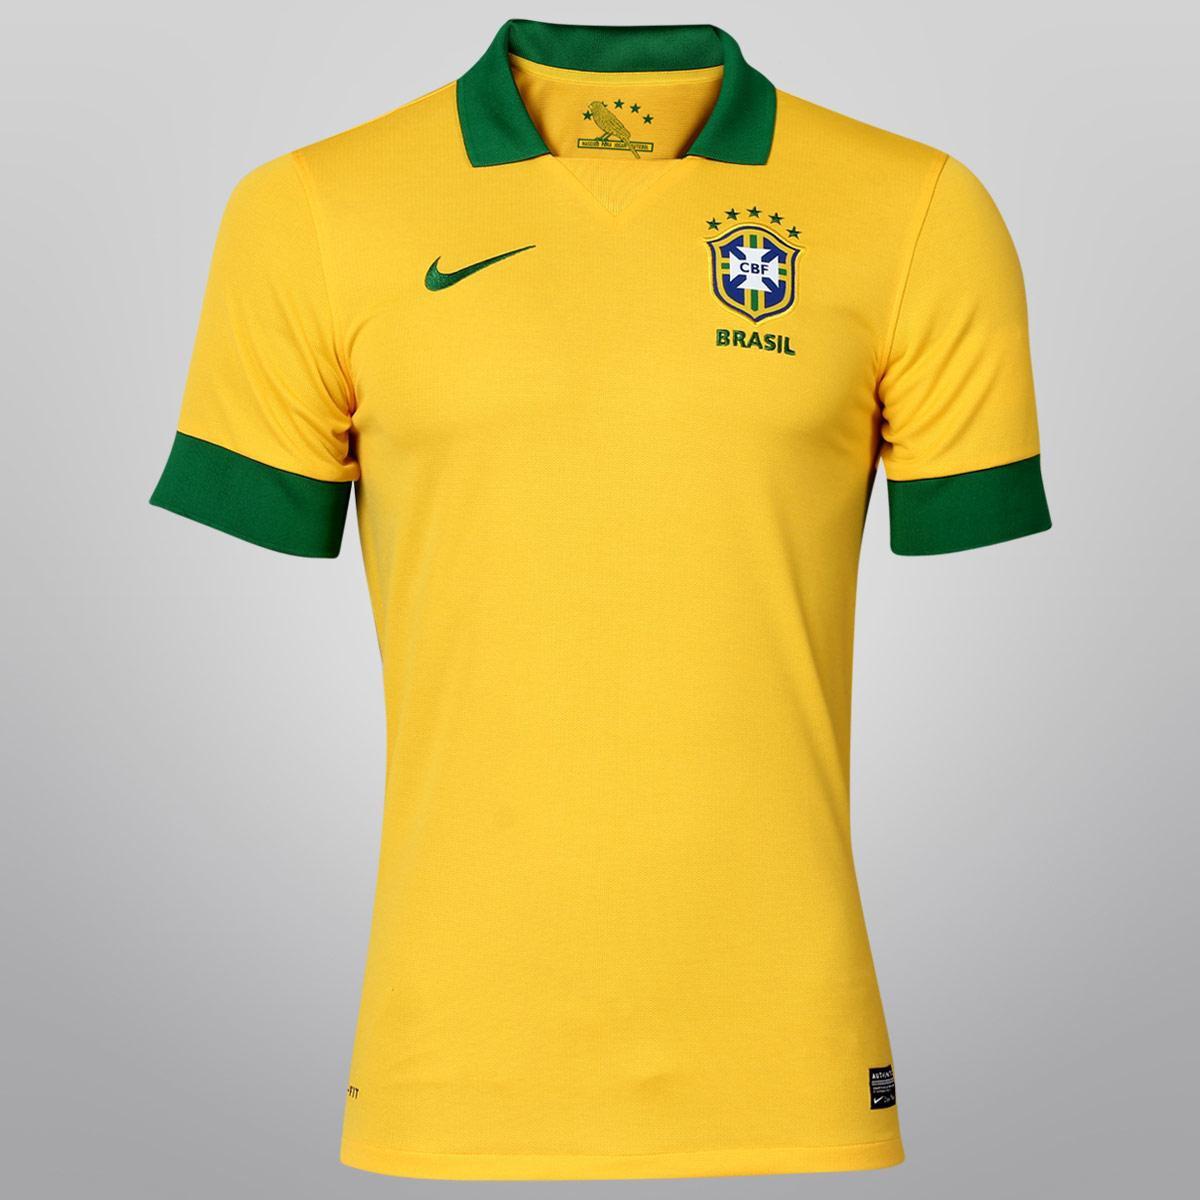 Camisa Nike Seleção Brasil I 2013 s nº - Compre Agora  5d5e2b8c91437